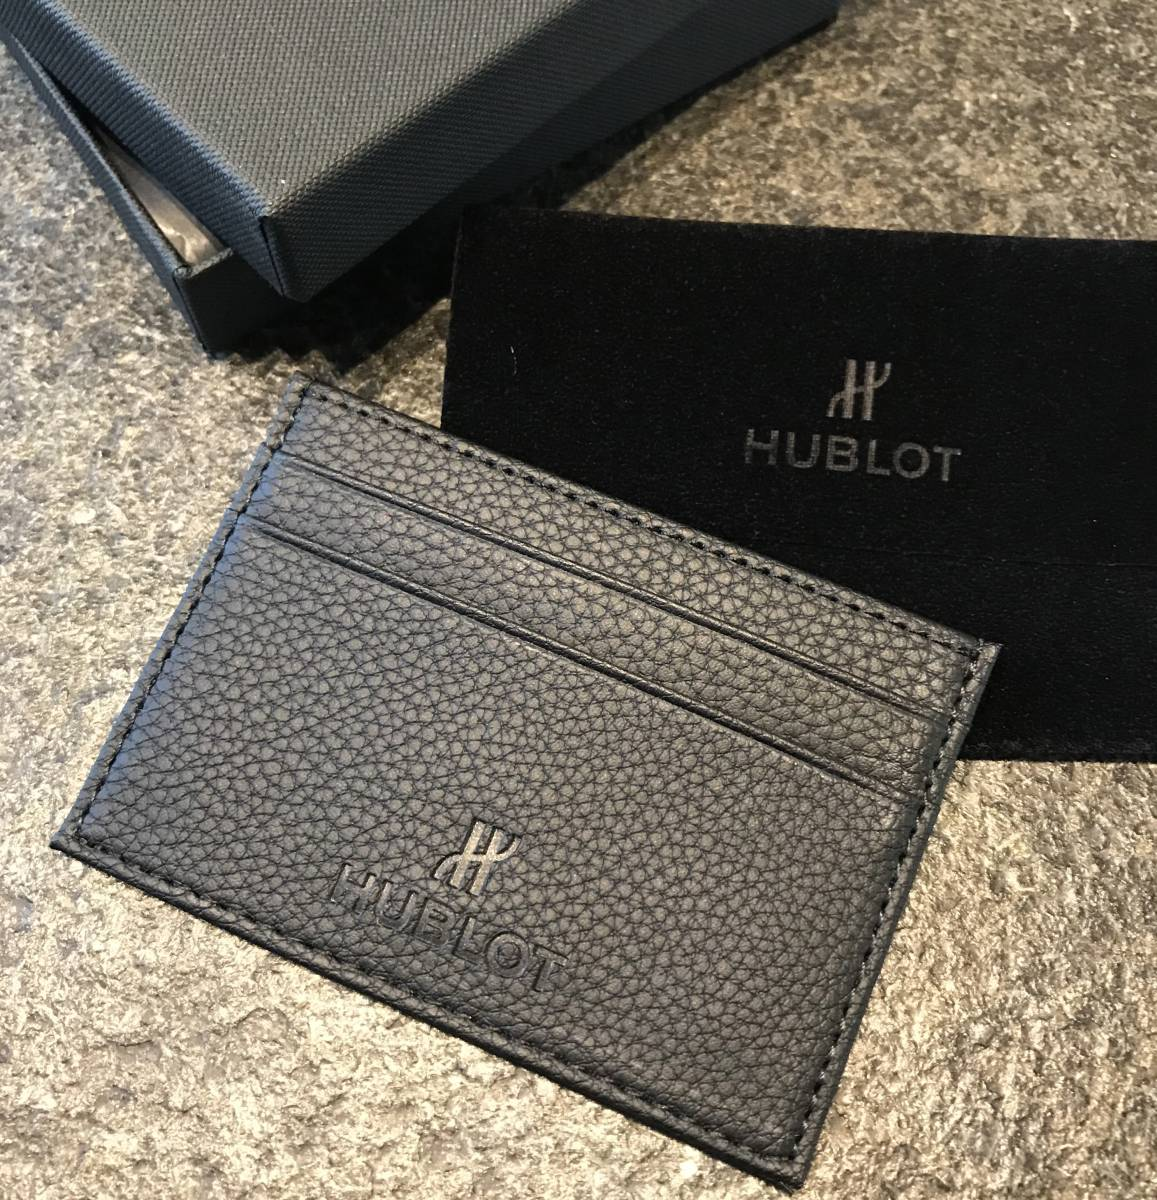 ウブロ 非売品 ノベルティ カードケース、カード入れ 新品